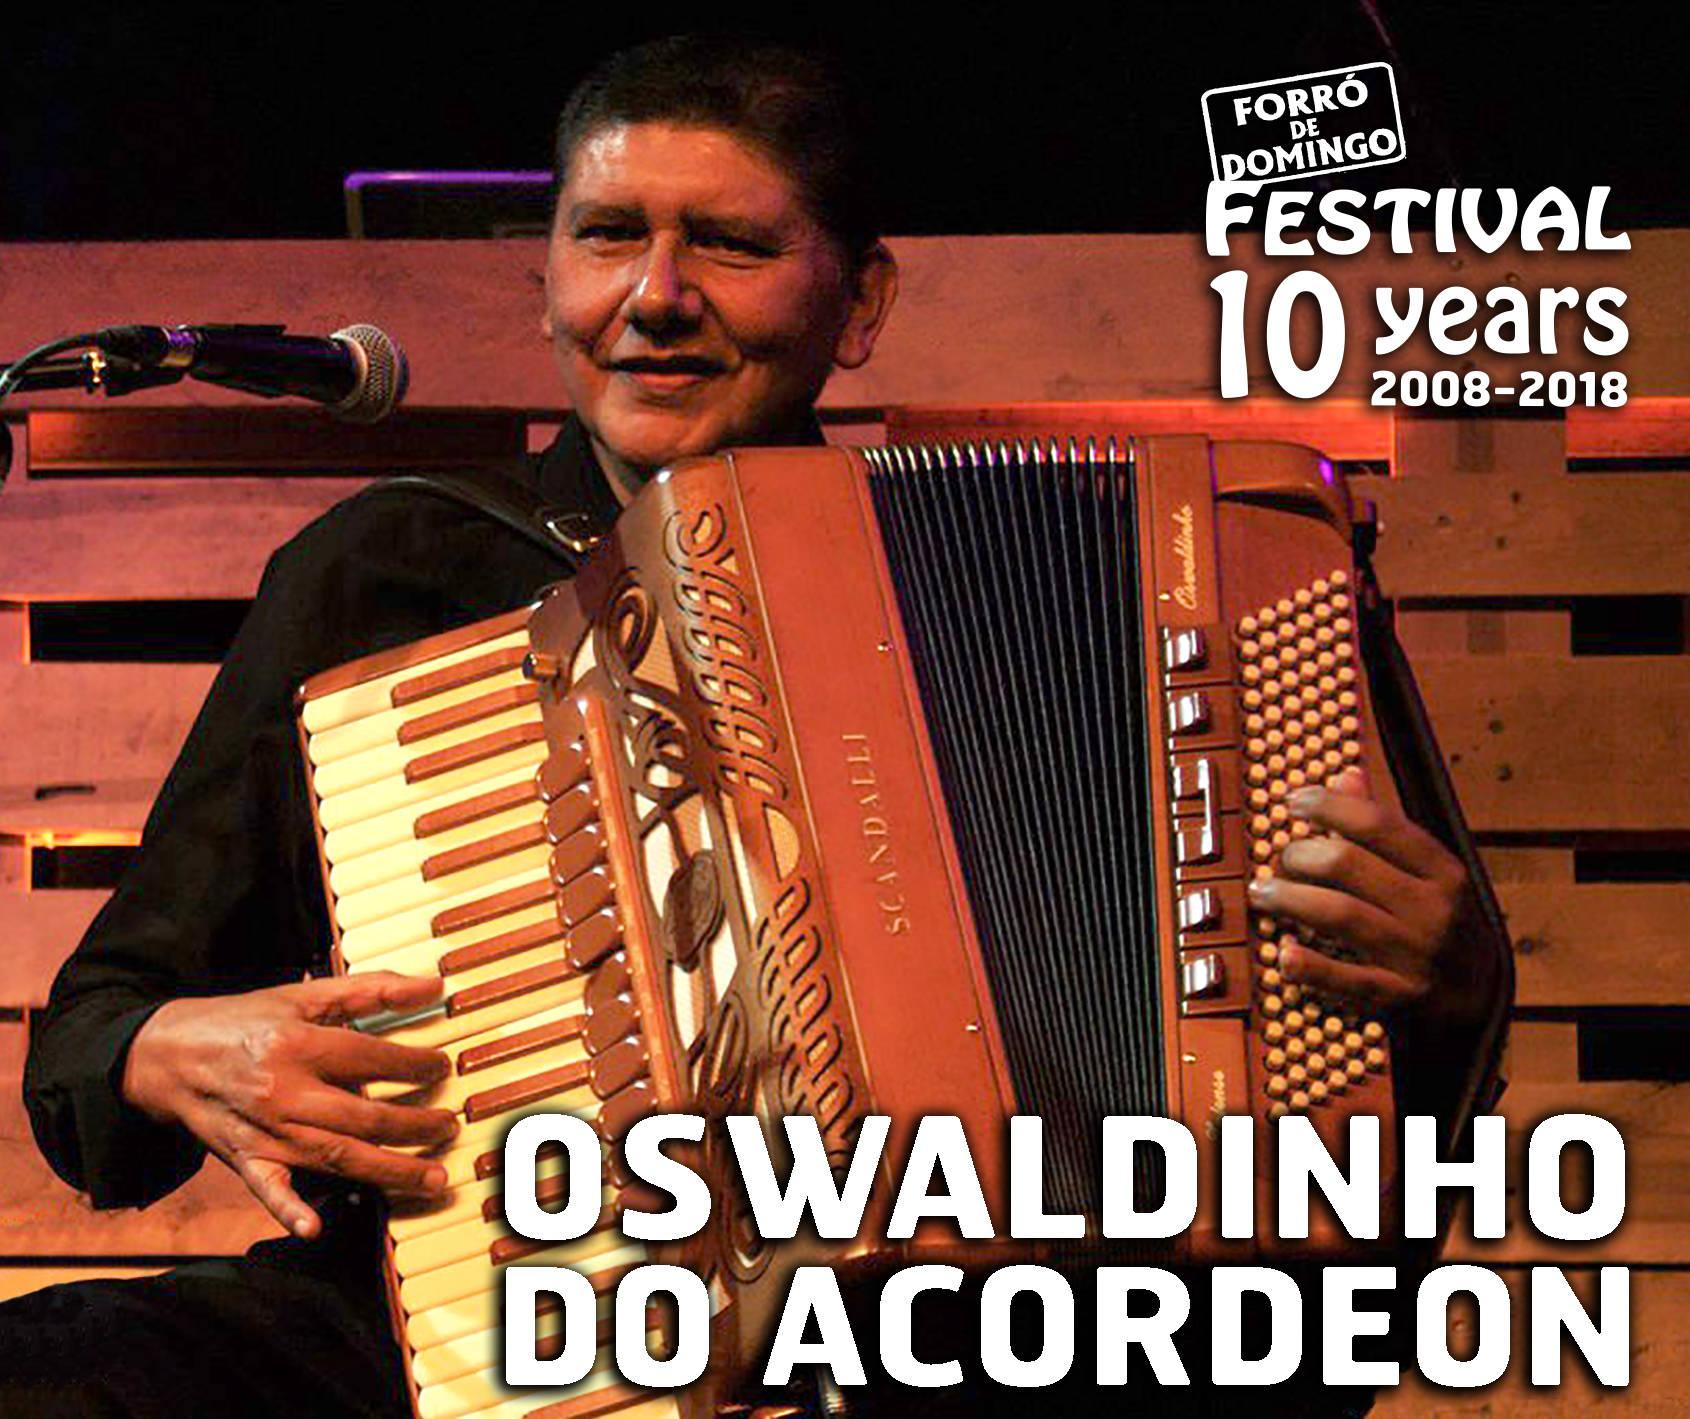 https://forrofestival.com/wp-content/uploads/2018/03/oswaldinho_forro-de-domingo-festival-2018_2.jpg